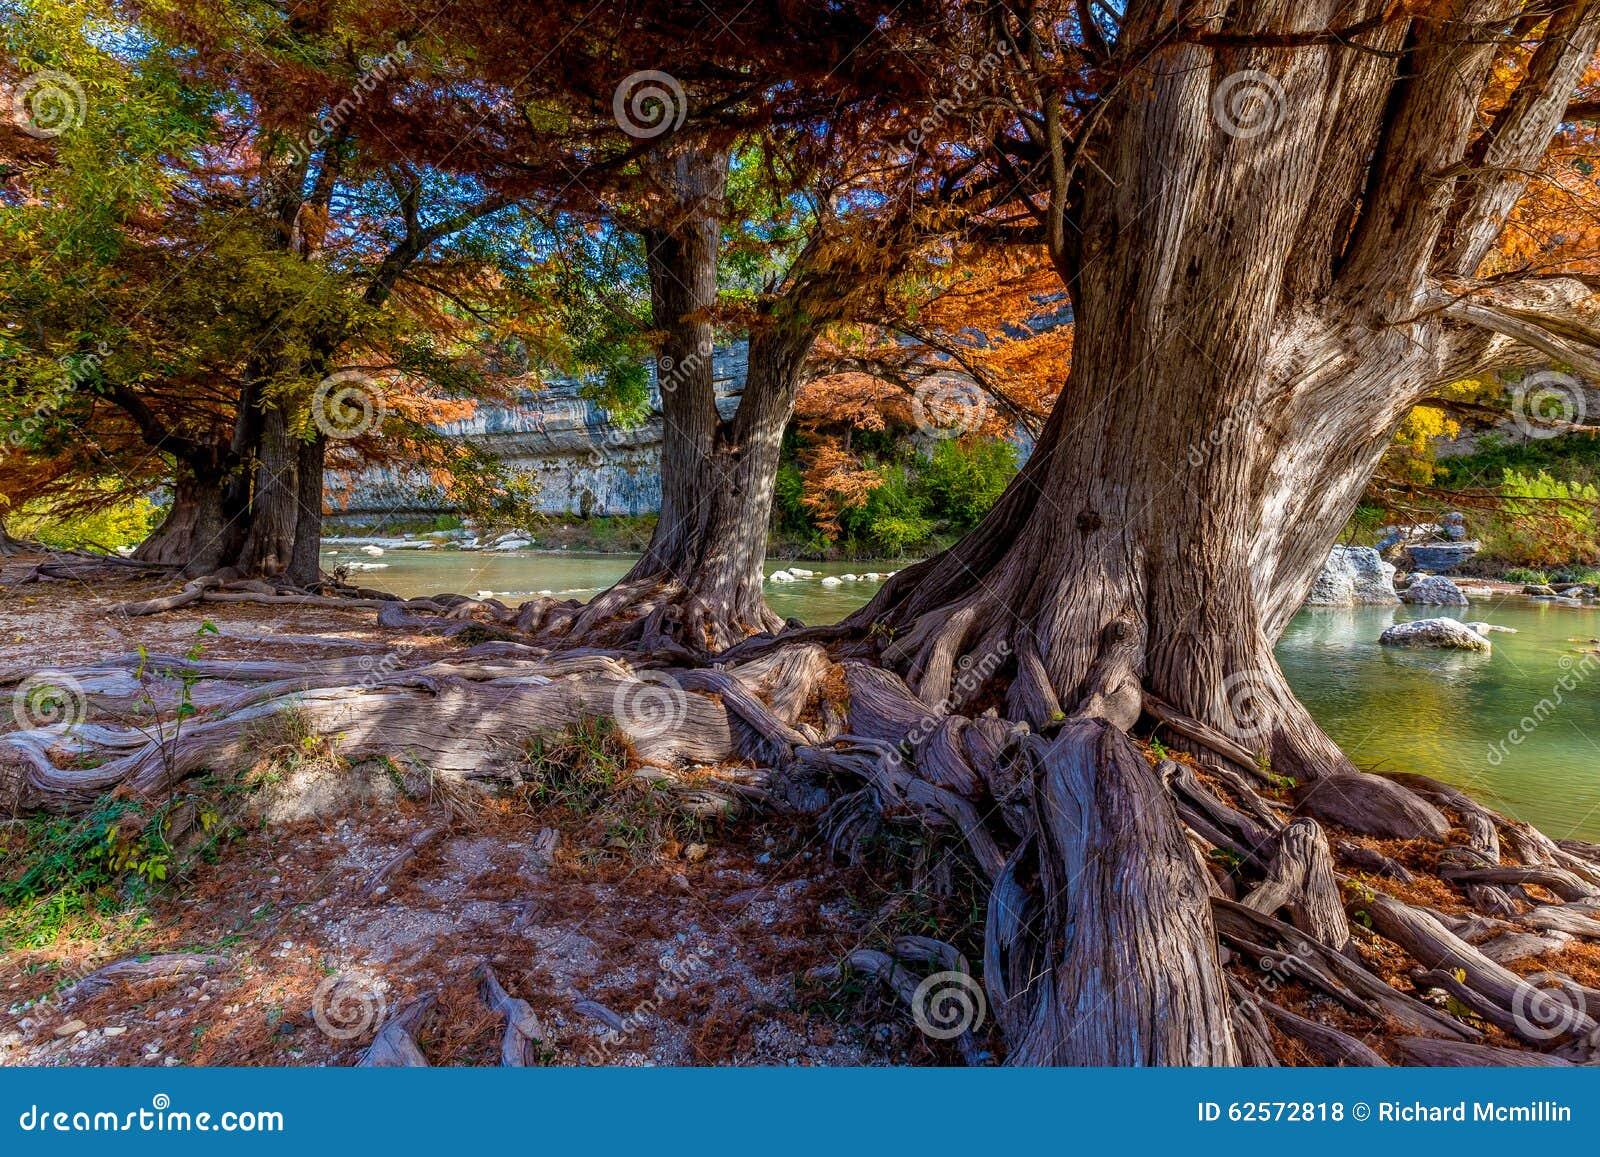 Folhagem de outono em árvores de Cypress antigas em Guadalupe State Park, Texas